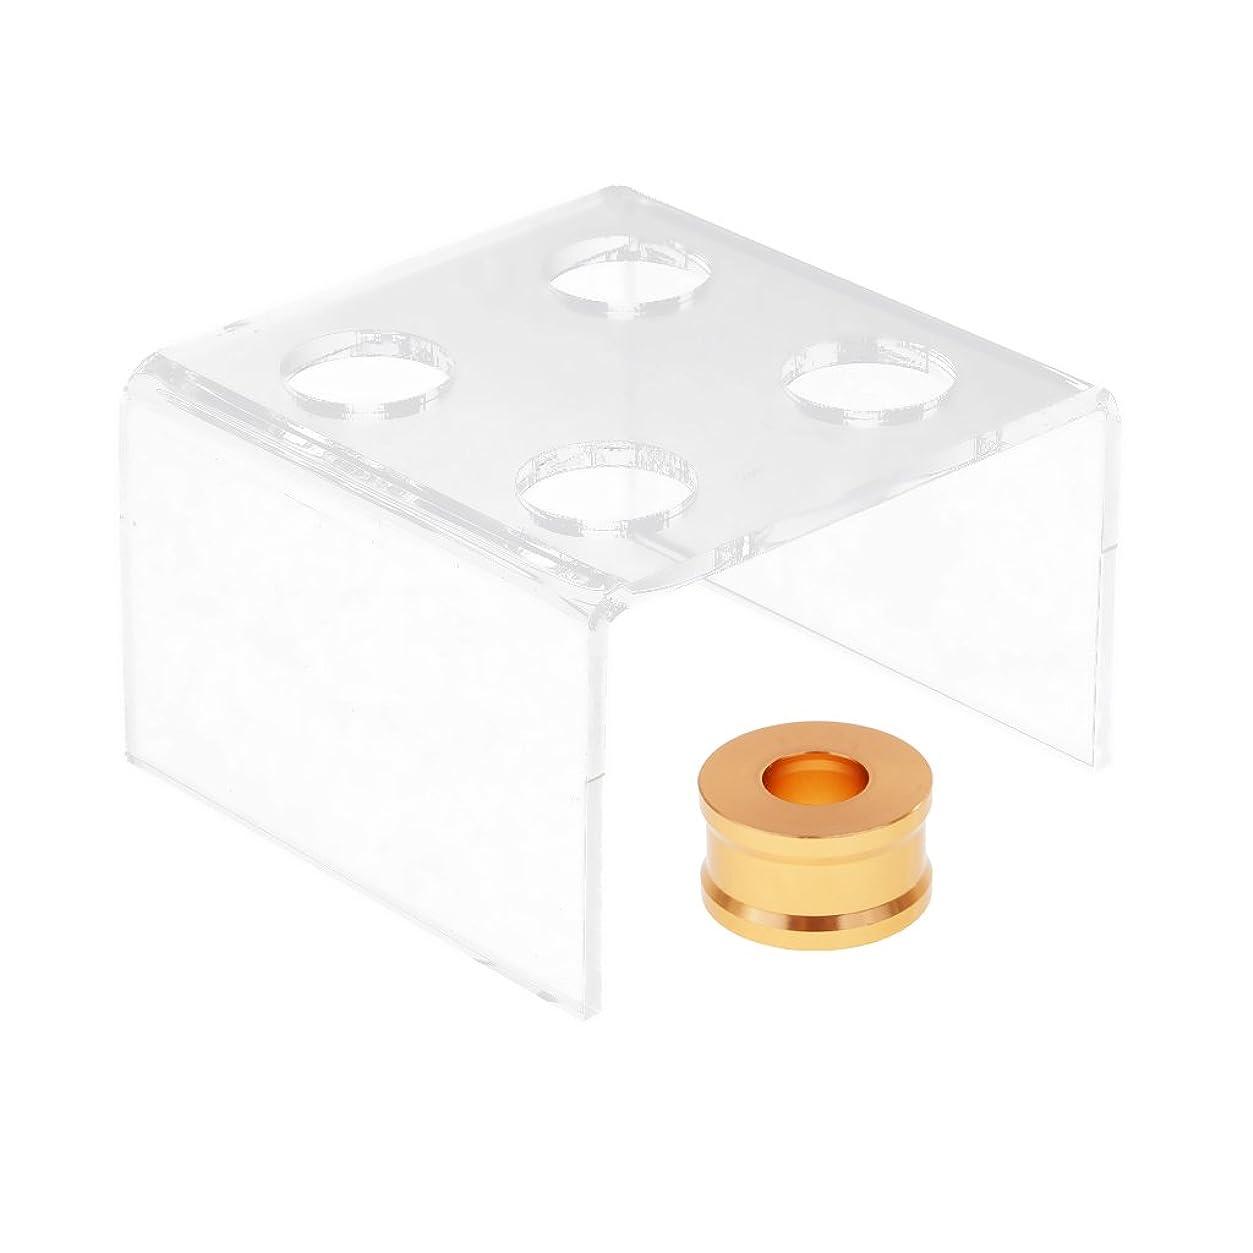 発動機ベイビー雪だるま口紅金型 リップライナー 金型ホルダー 化粧品 DIY 12.1mm 口紅チューブ